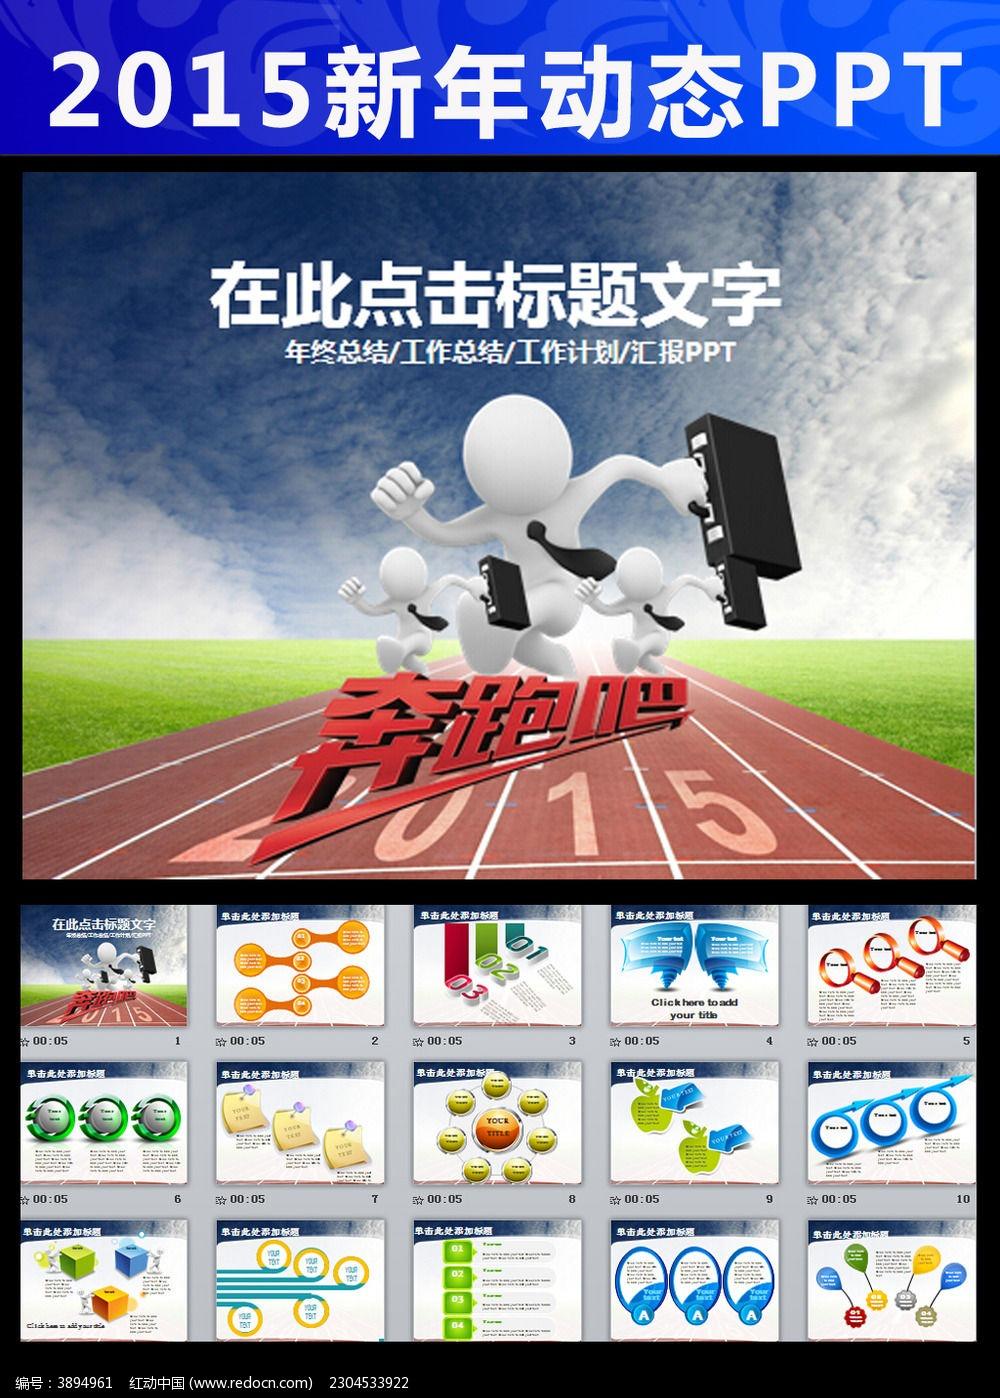 务通用年终总结PPT模版模板下载 奔跑吧2015商务通用年终总结PPT